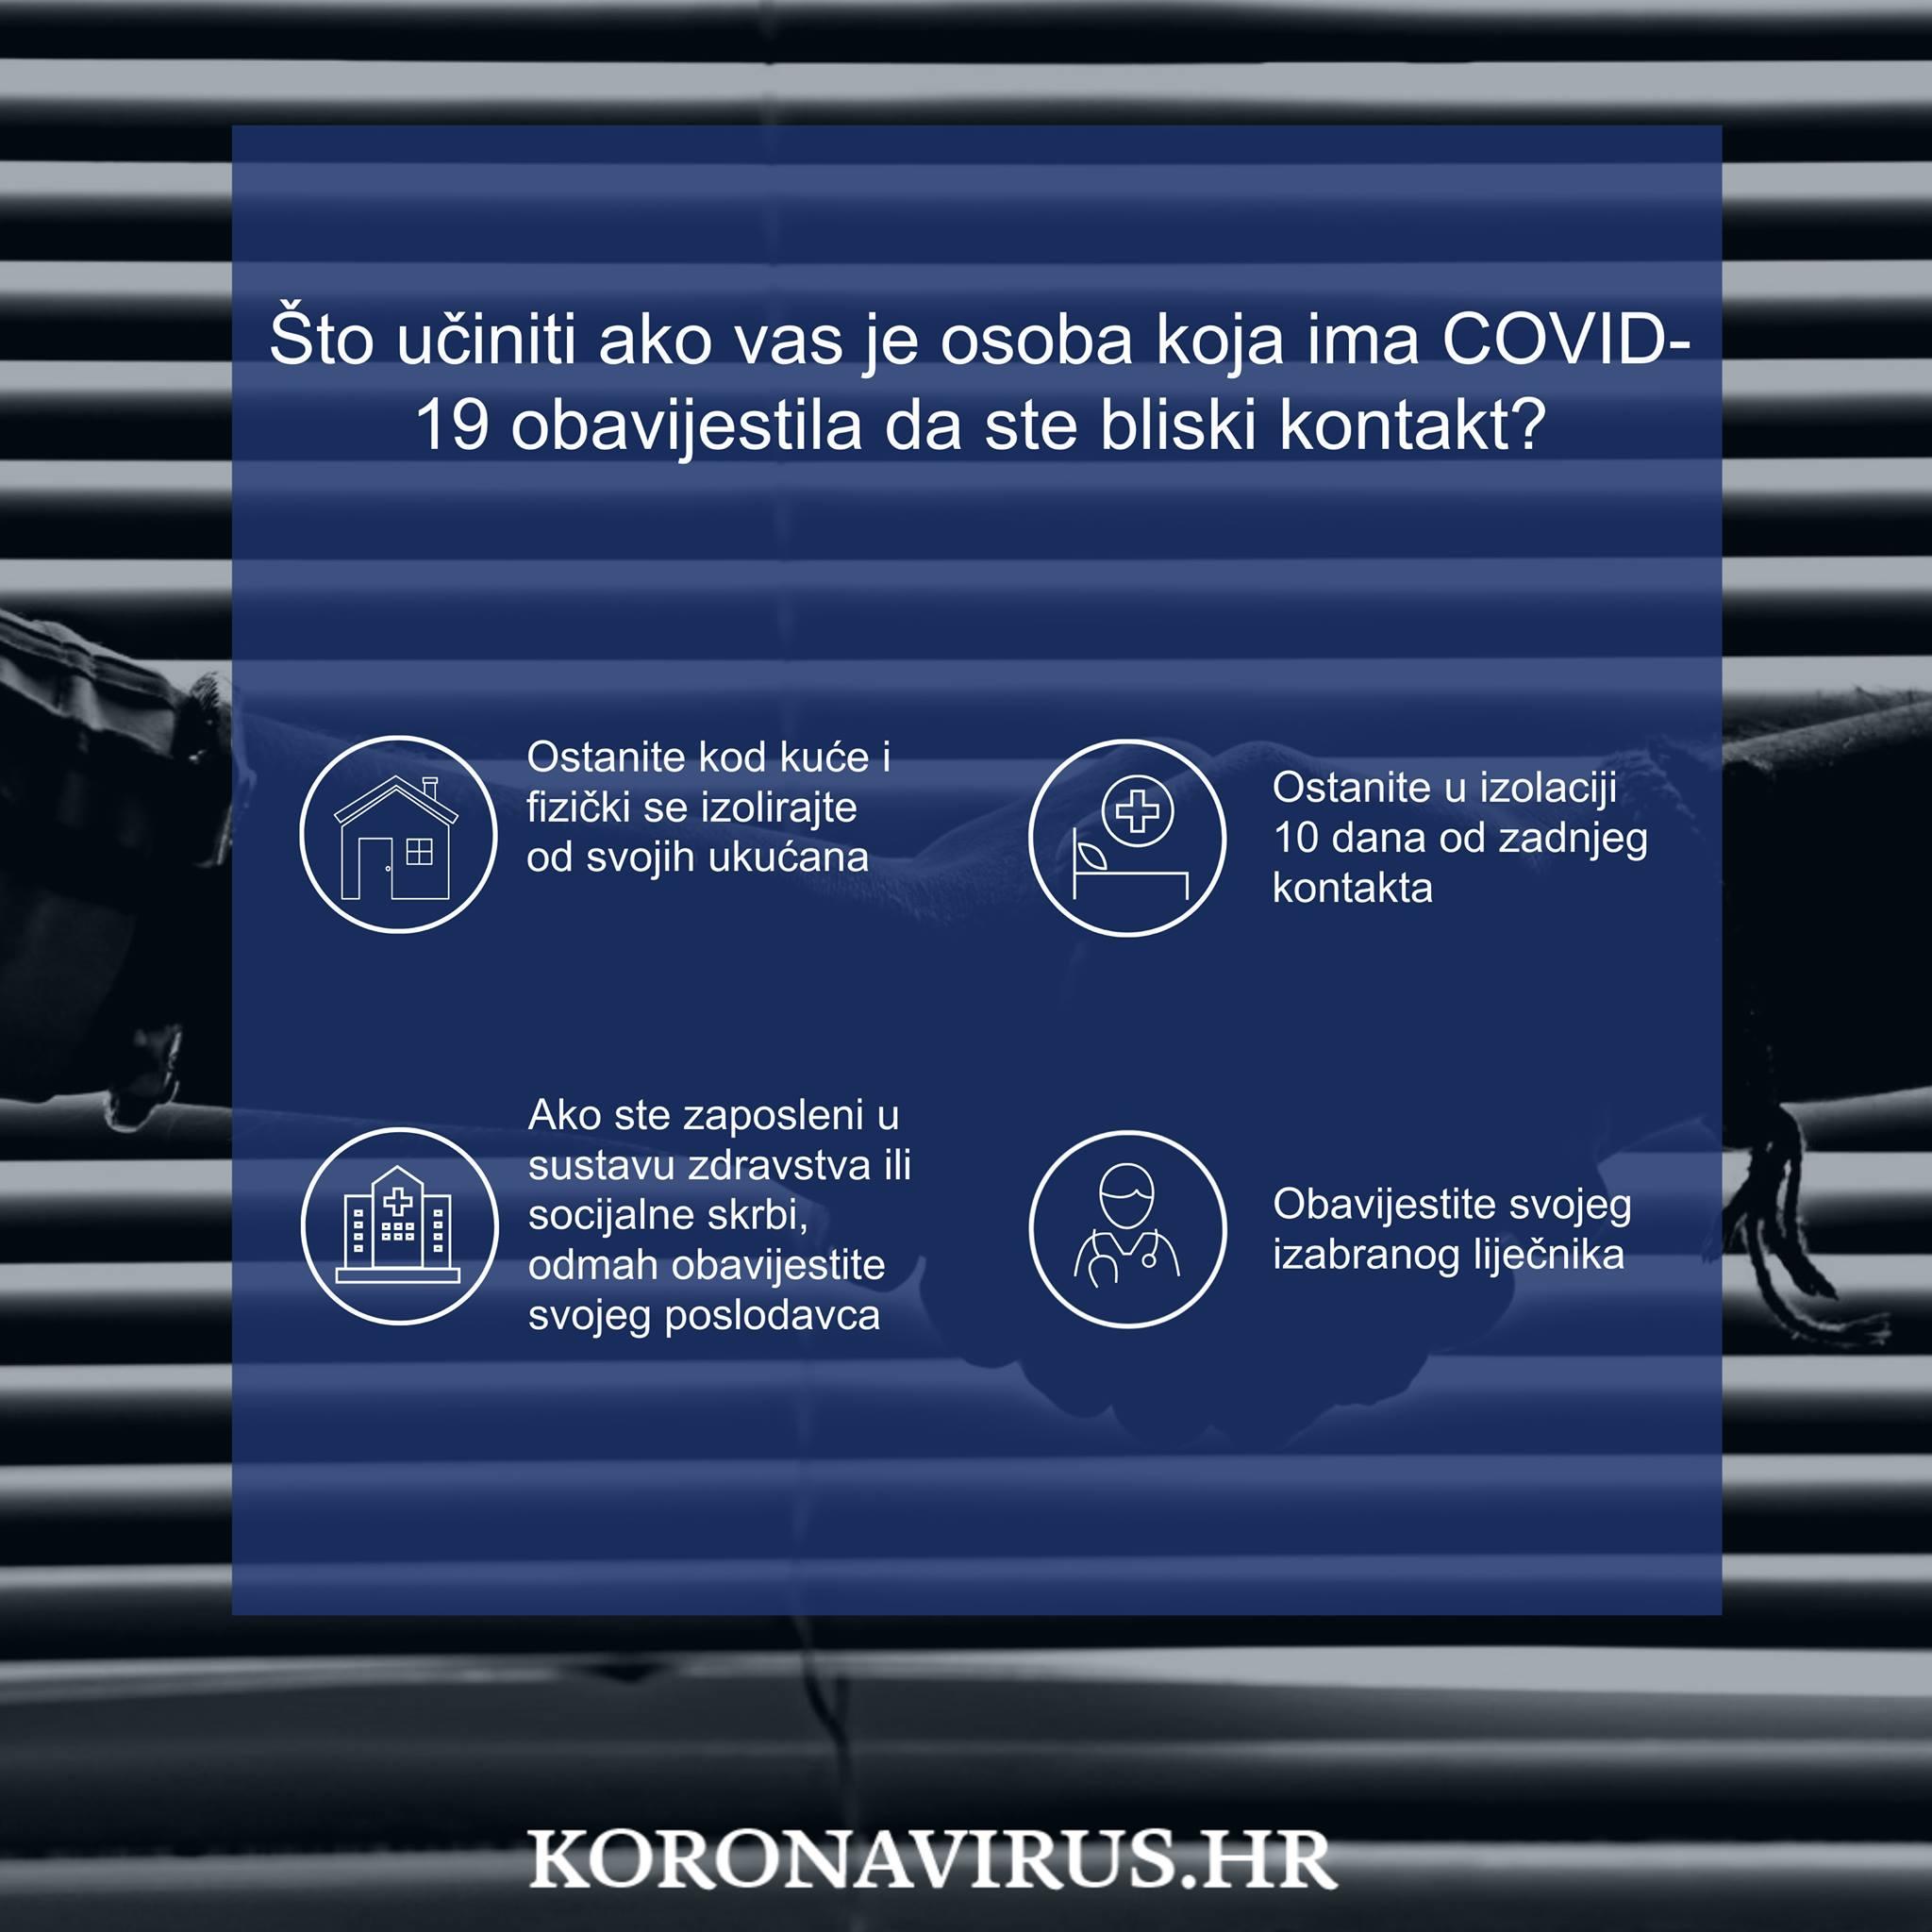 Što učiniti ako ste bliski kontakt osobe pozitivne na COVID-19